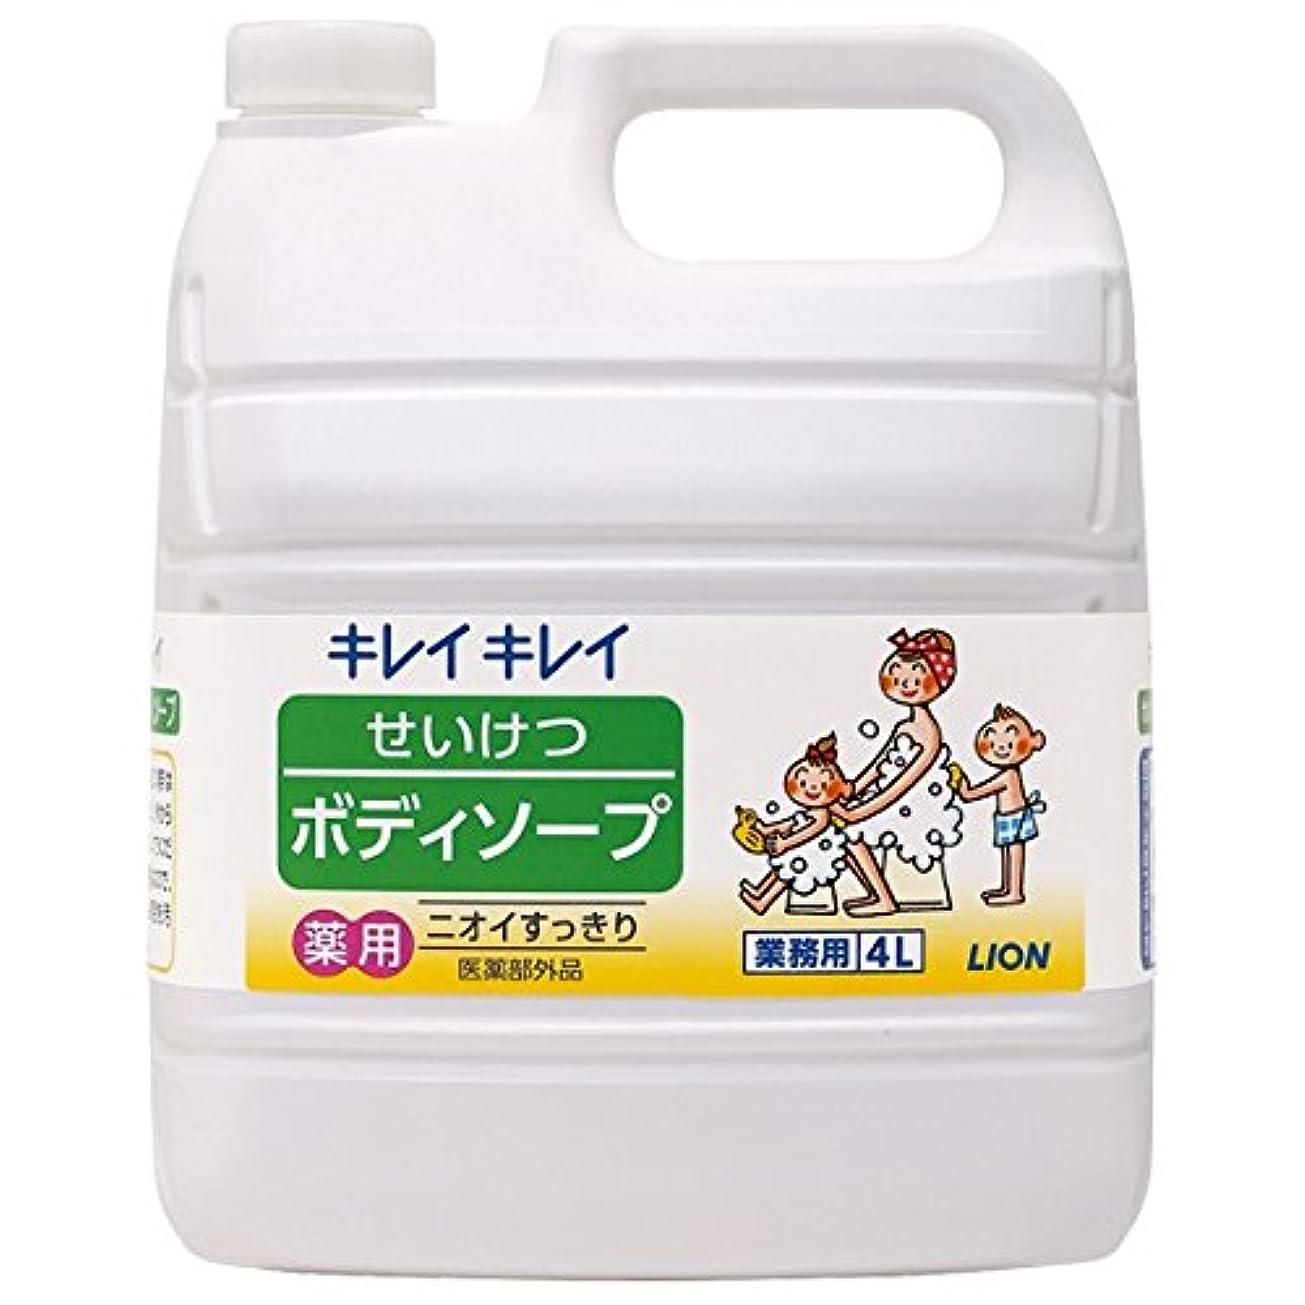 口径湿った大理石ライオン キレイキレイ せいけつボディソープ さわやかなレモン&オレンジの香り 業務用 4L×3本